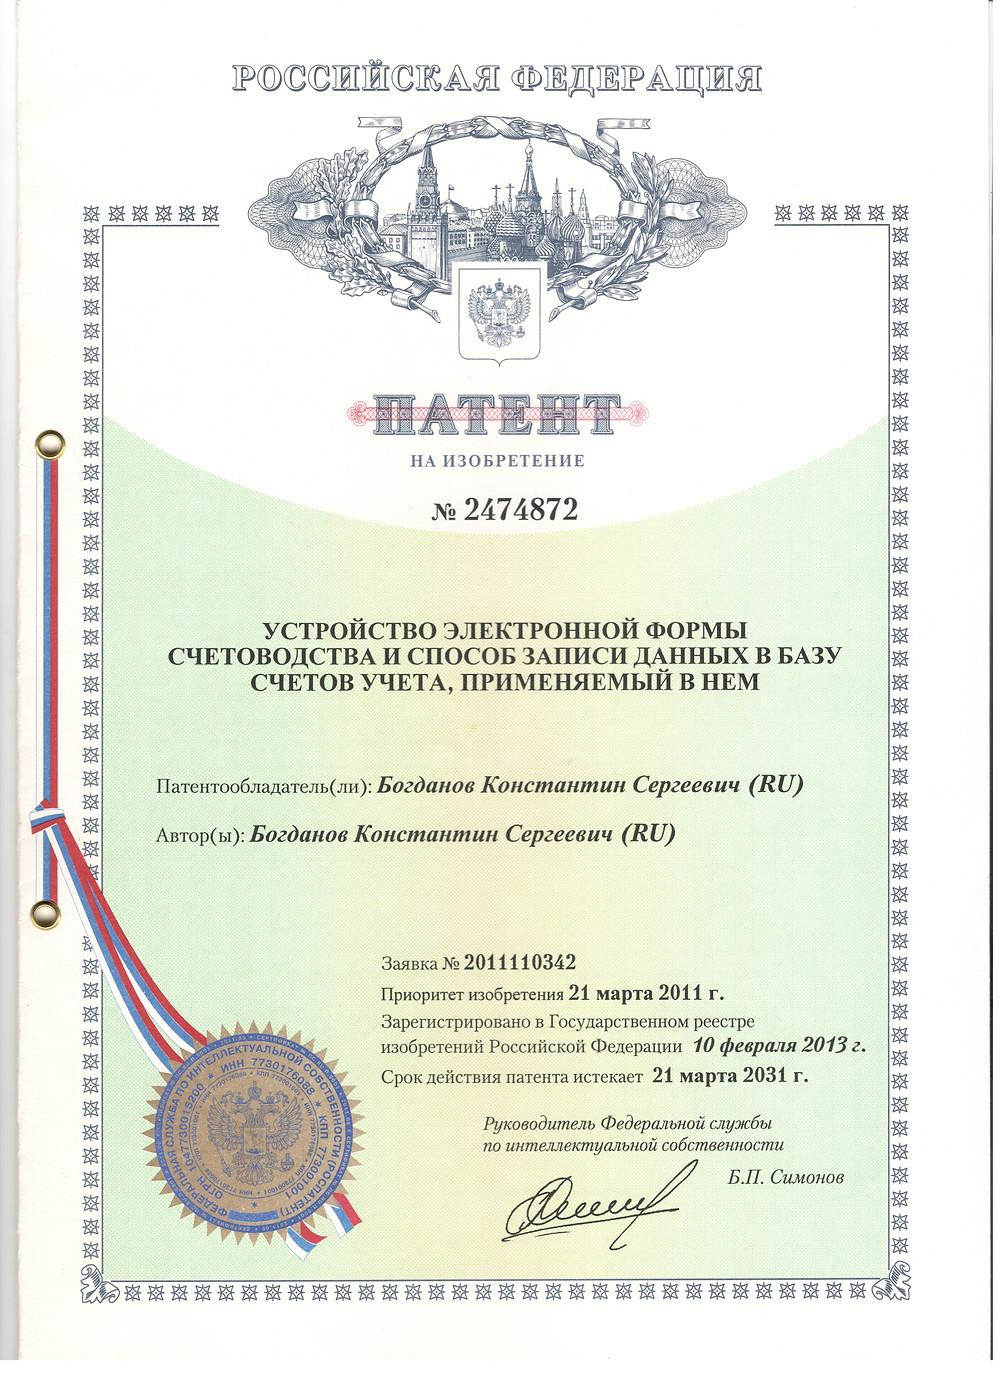 Патент на изобретение № 2474872